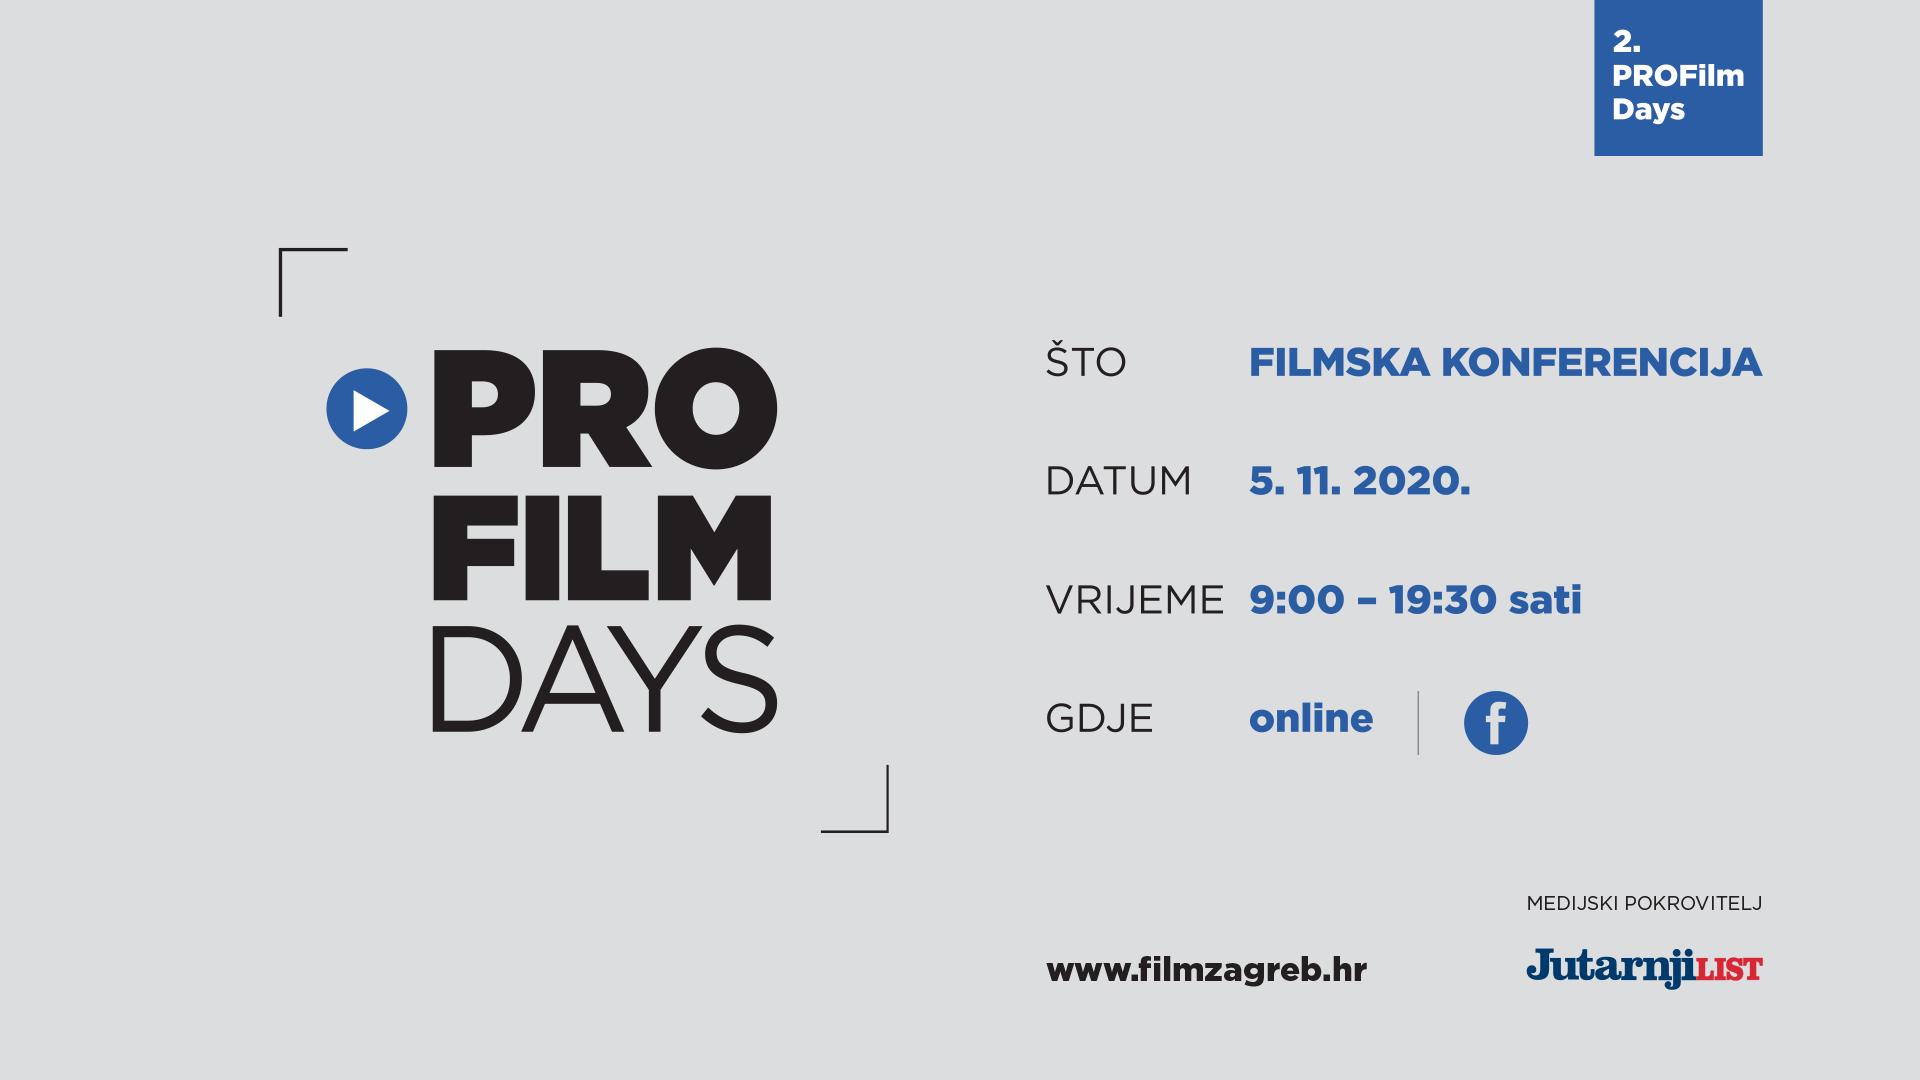 Sutra započinje filmska konferencija PROFilm Days!